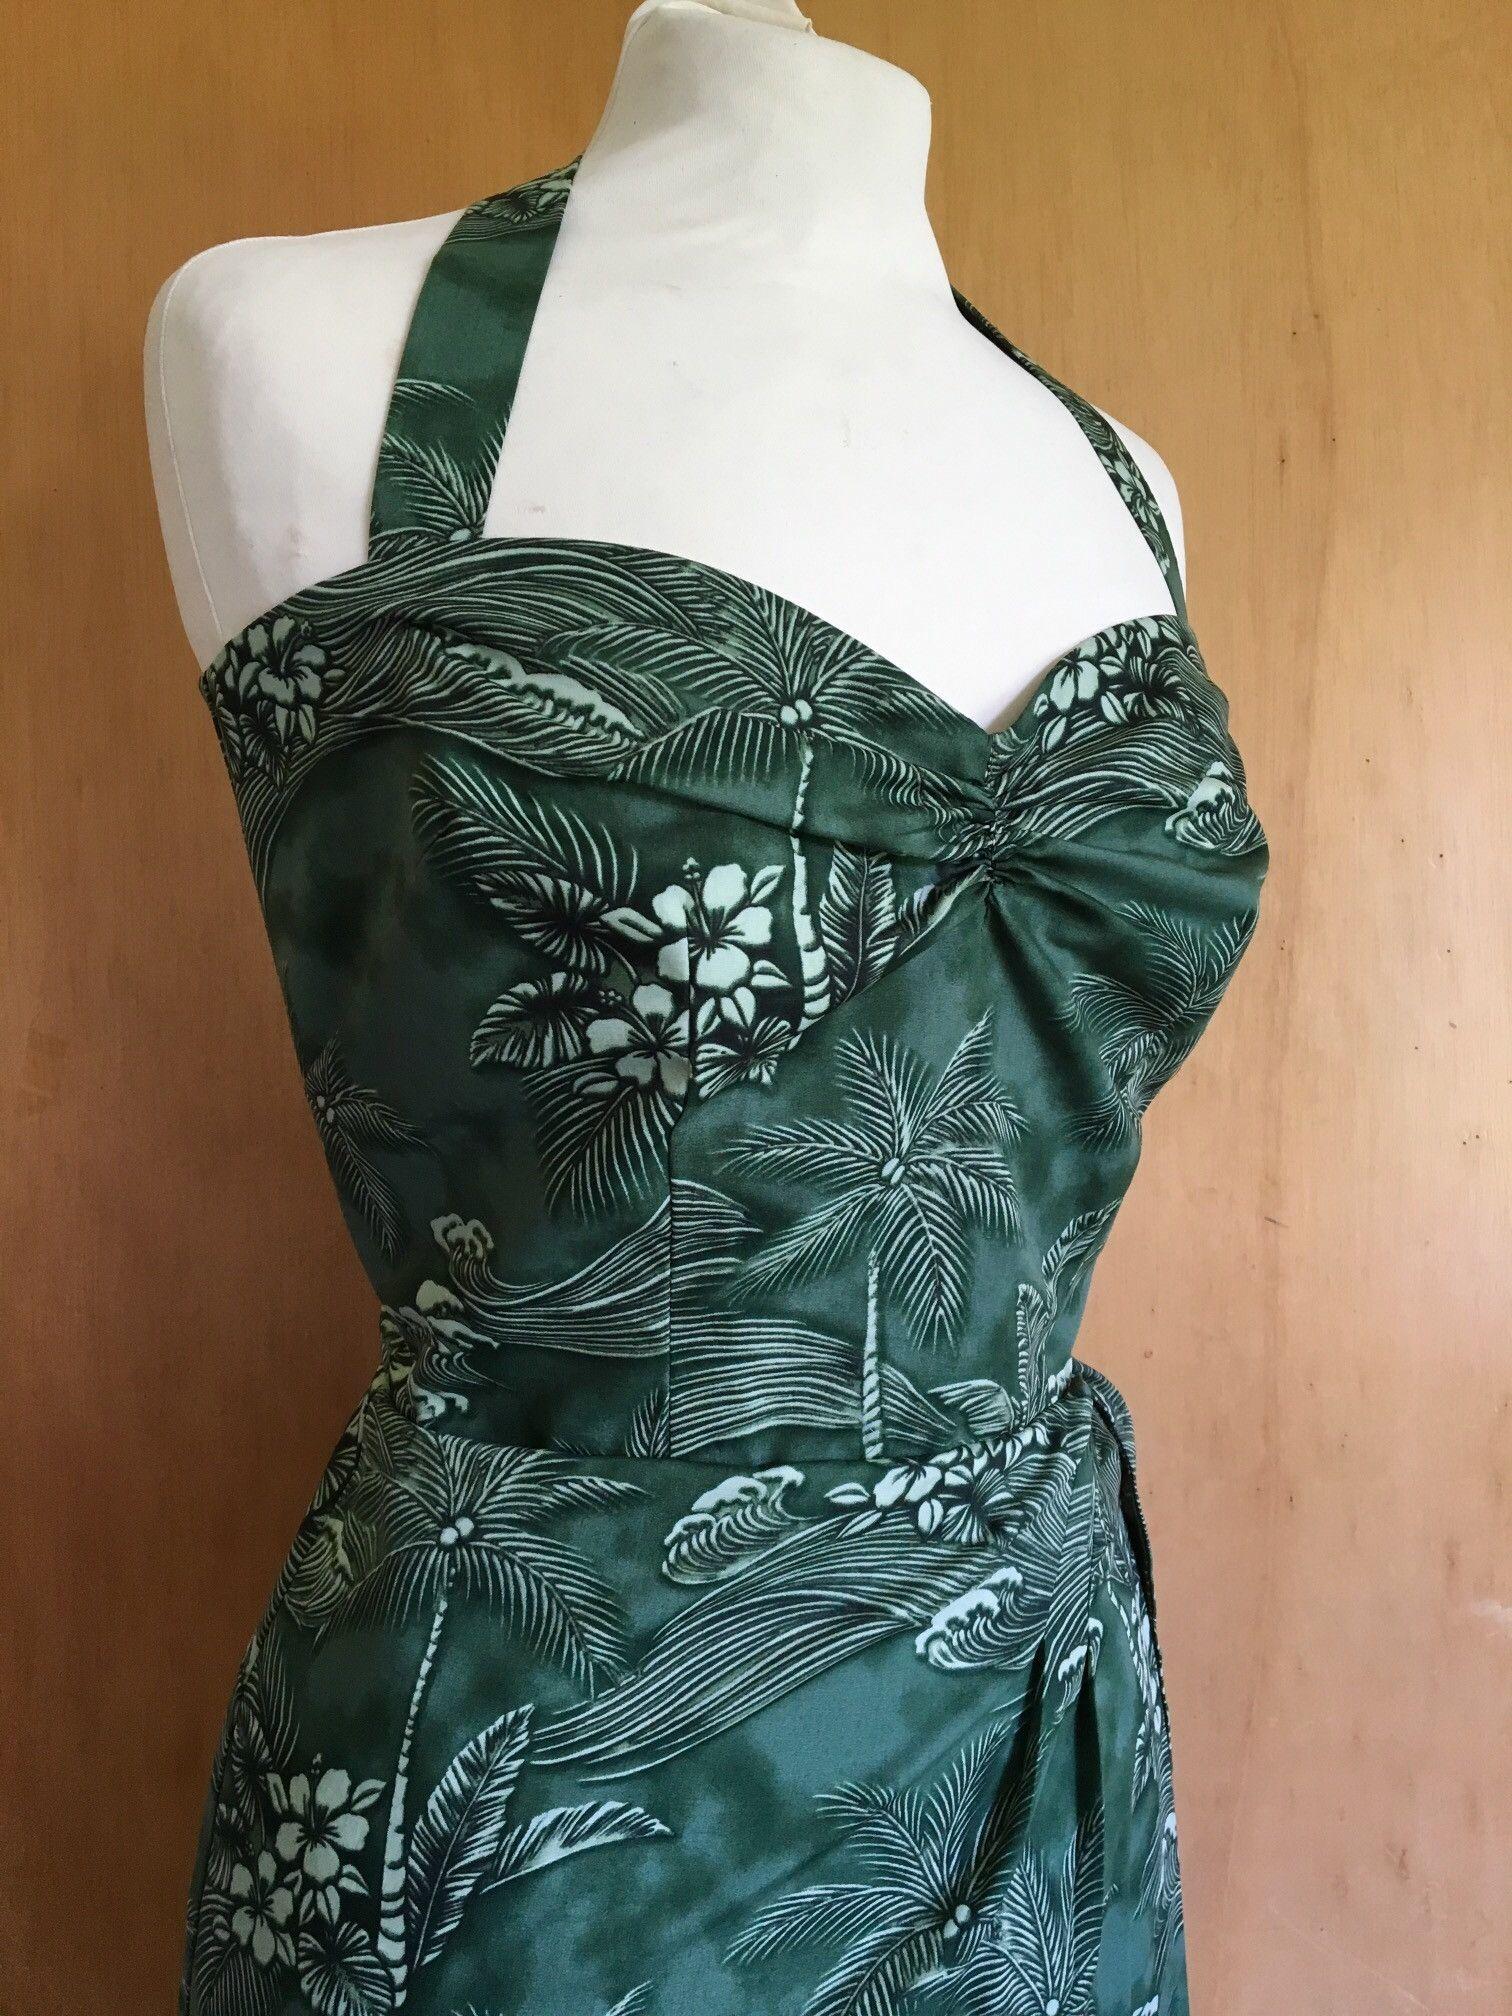 Vintage 1950s reproduction green Hawaiian halter sarong dress